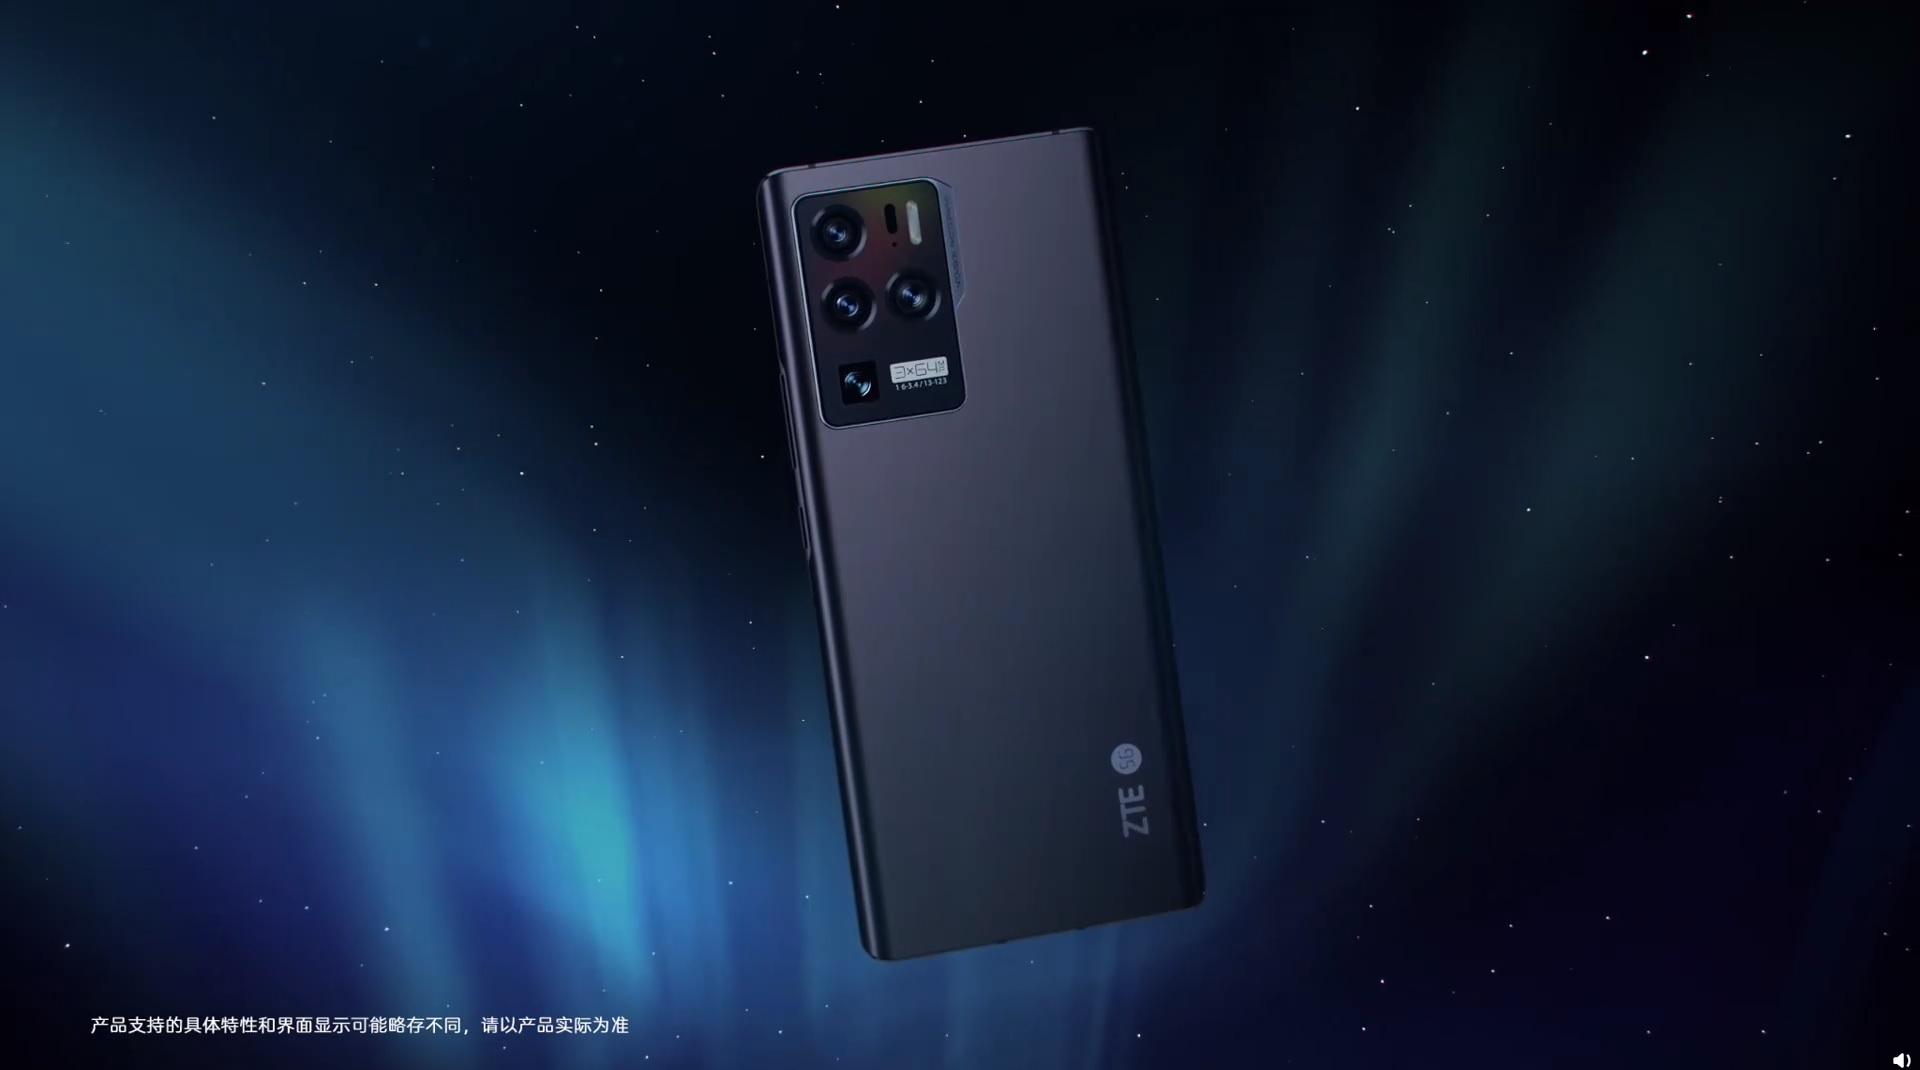 cena ZTE Axon 30 Ultra 5G ma wynosić 1200 dolarów